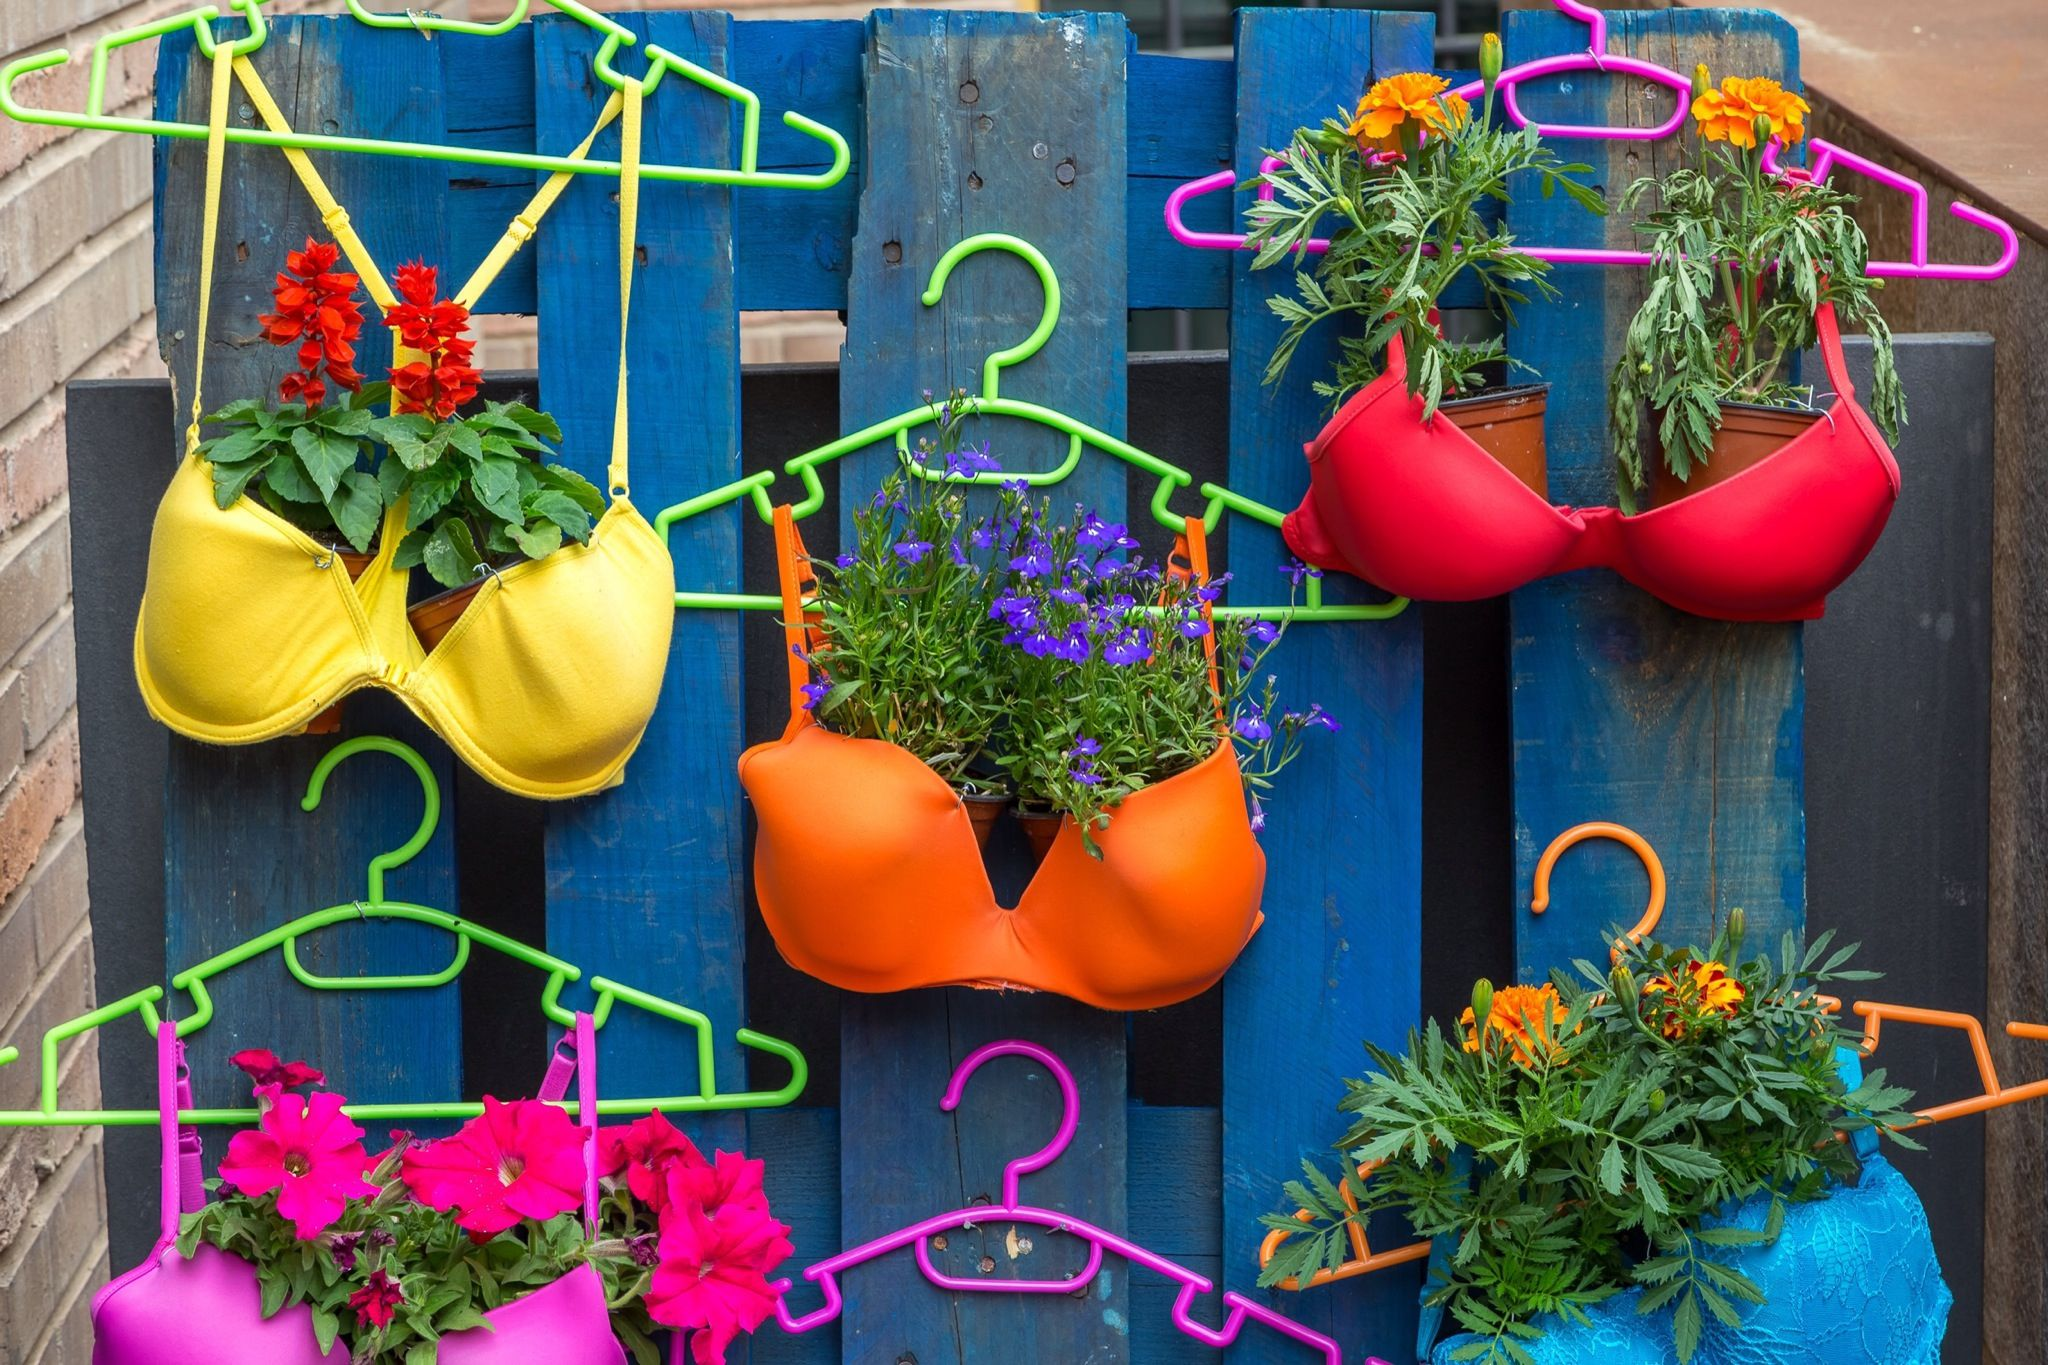 Jardines creativos 12 objetos reciclados convertidos en